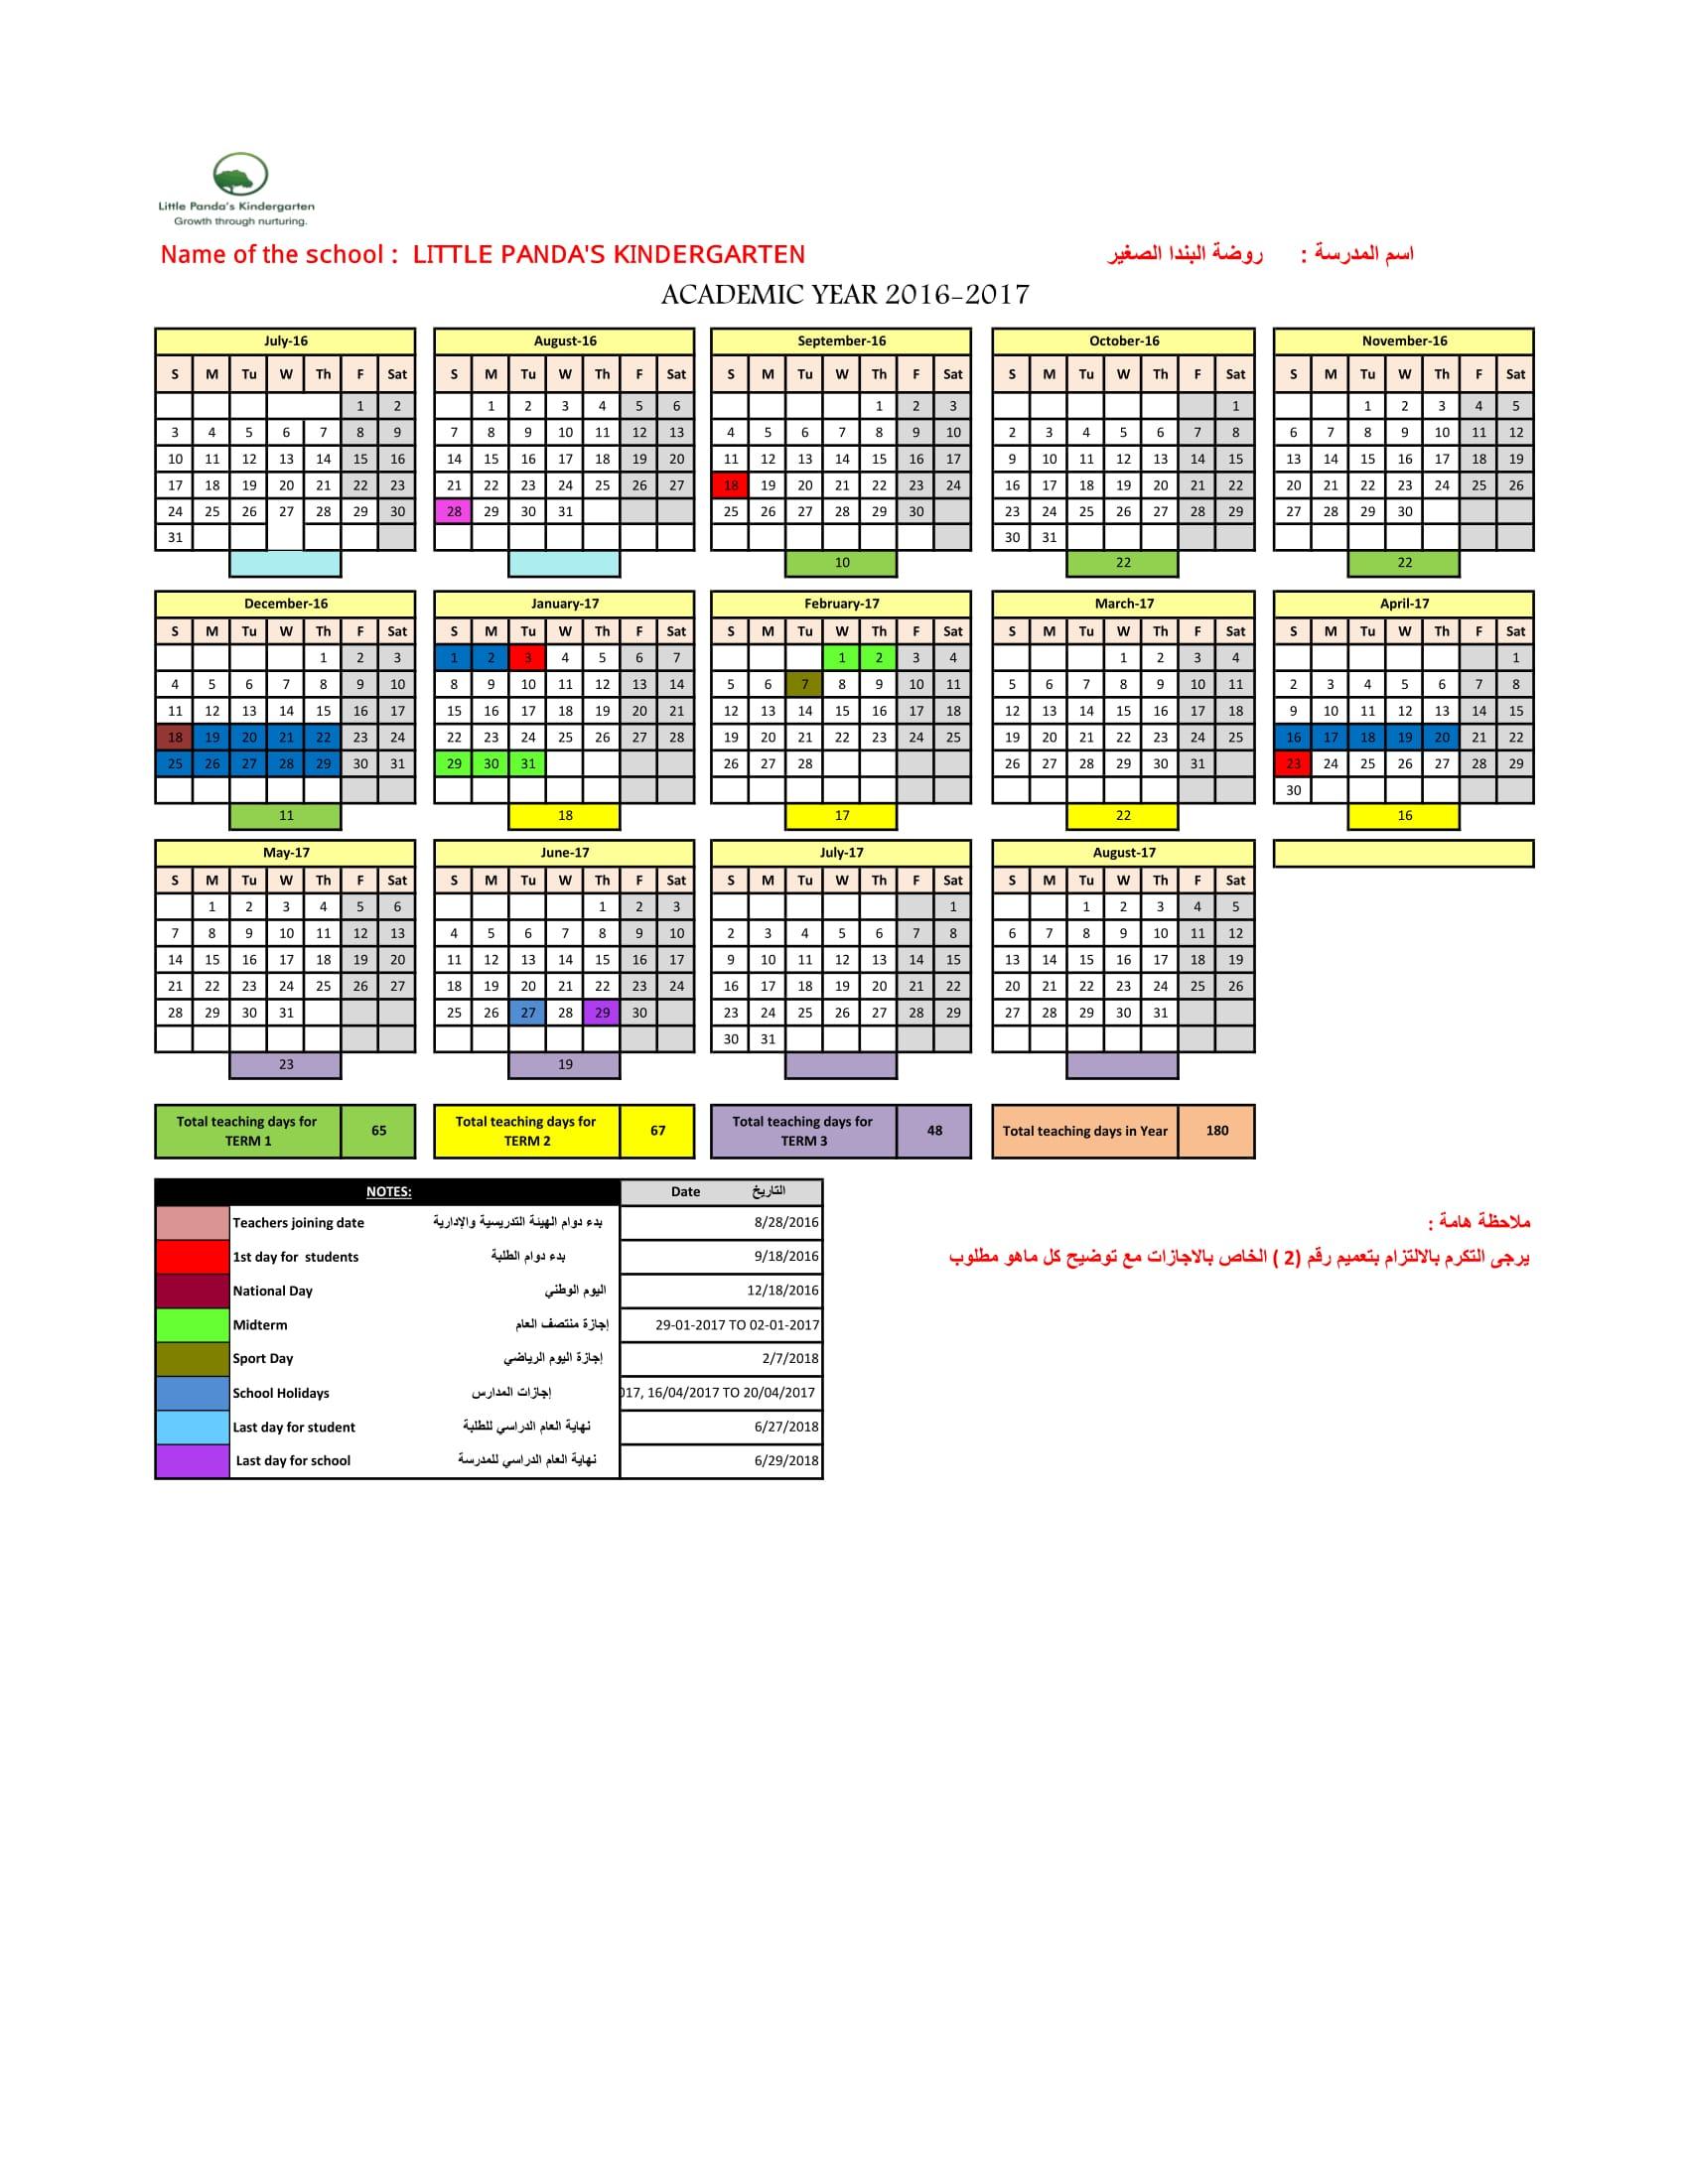 2016 of LPK Calendar-1